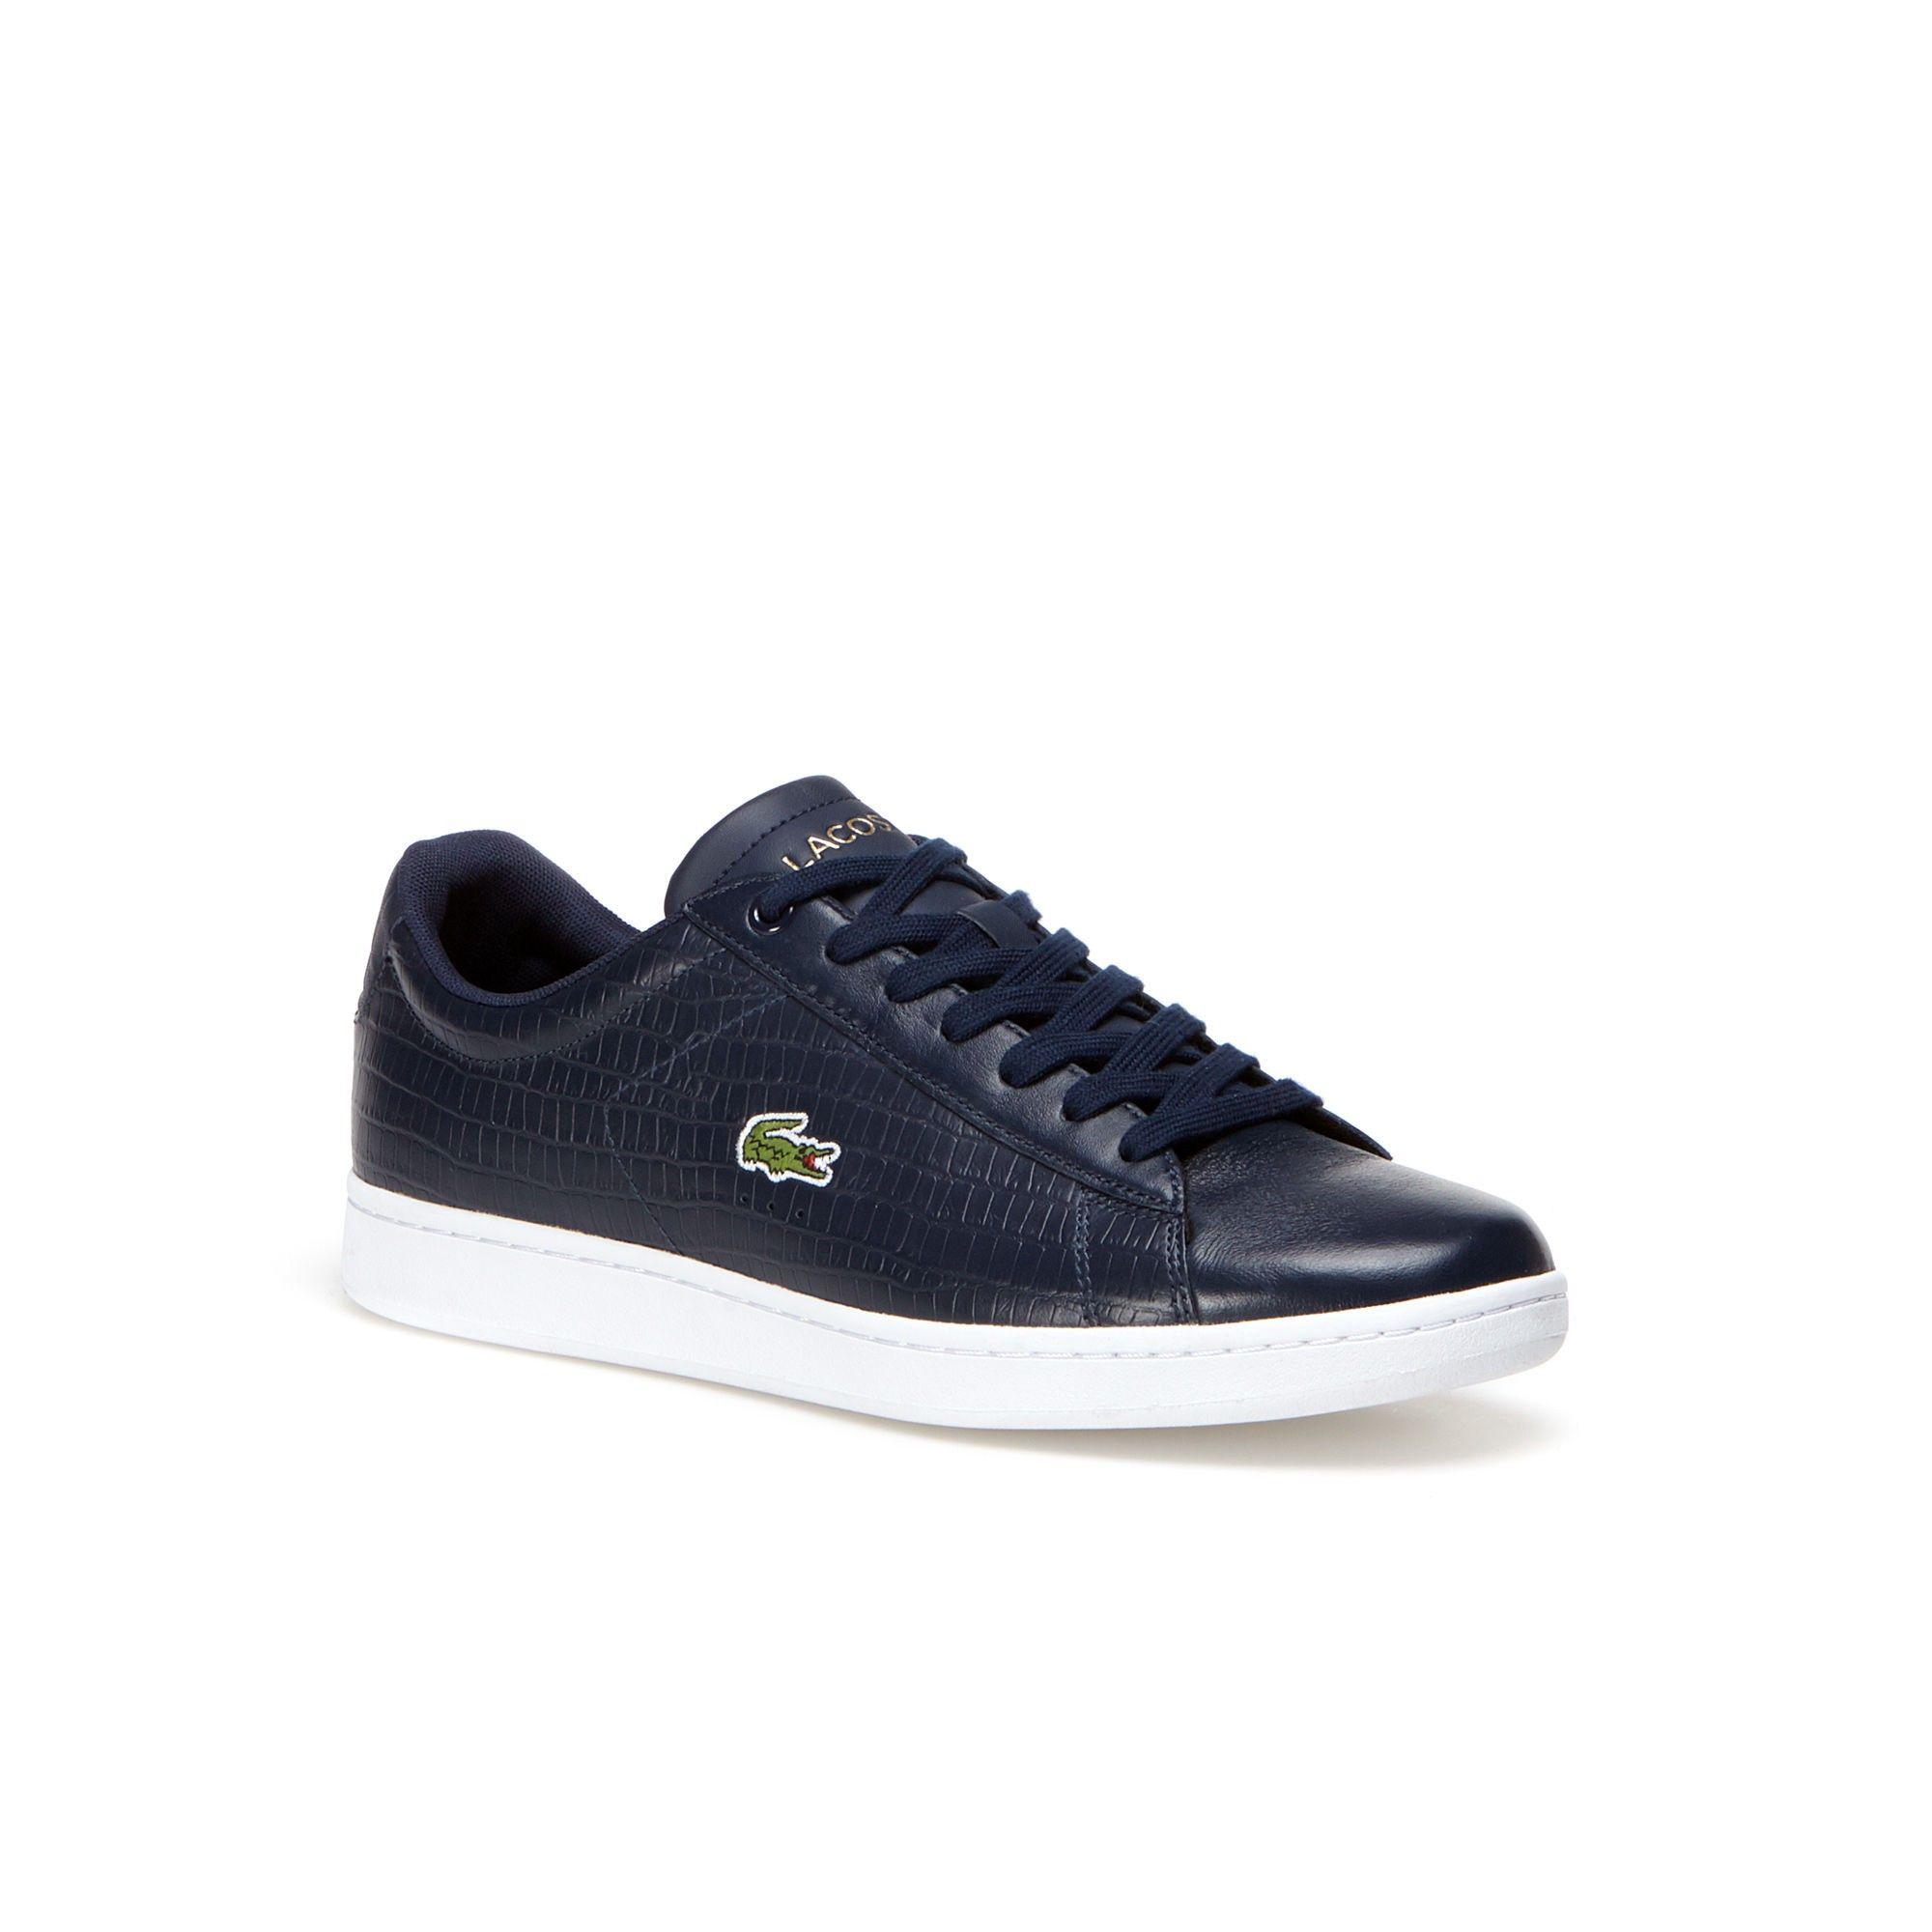 CARNABY EVO - Sneaker low - navy/white yjLfZvH2fF